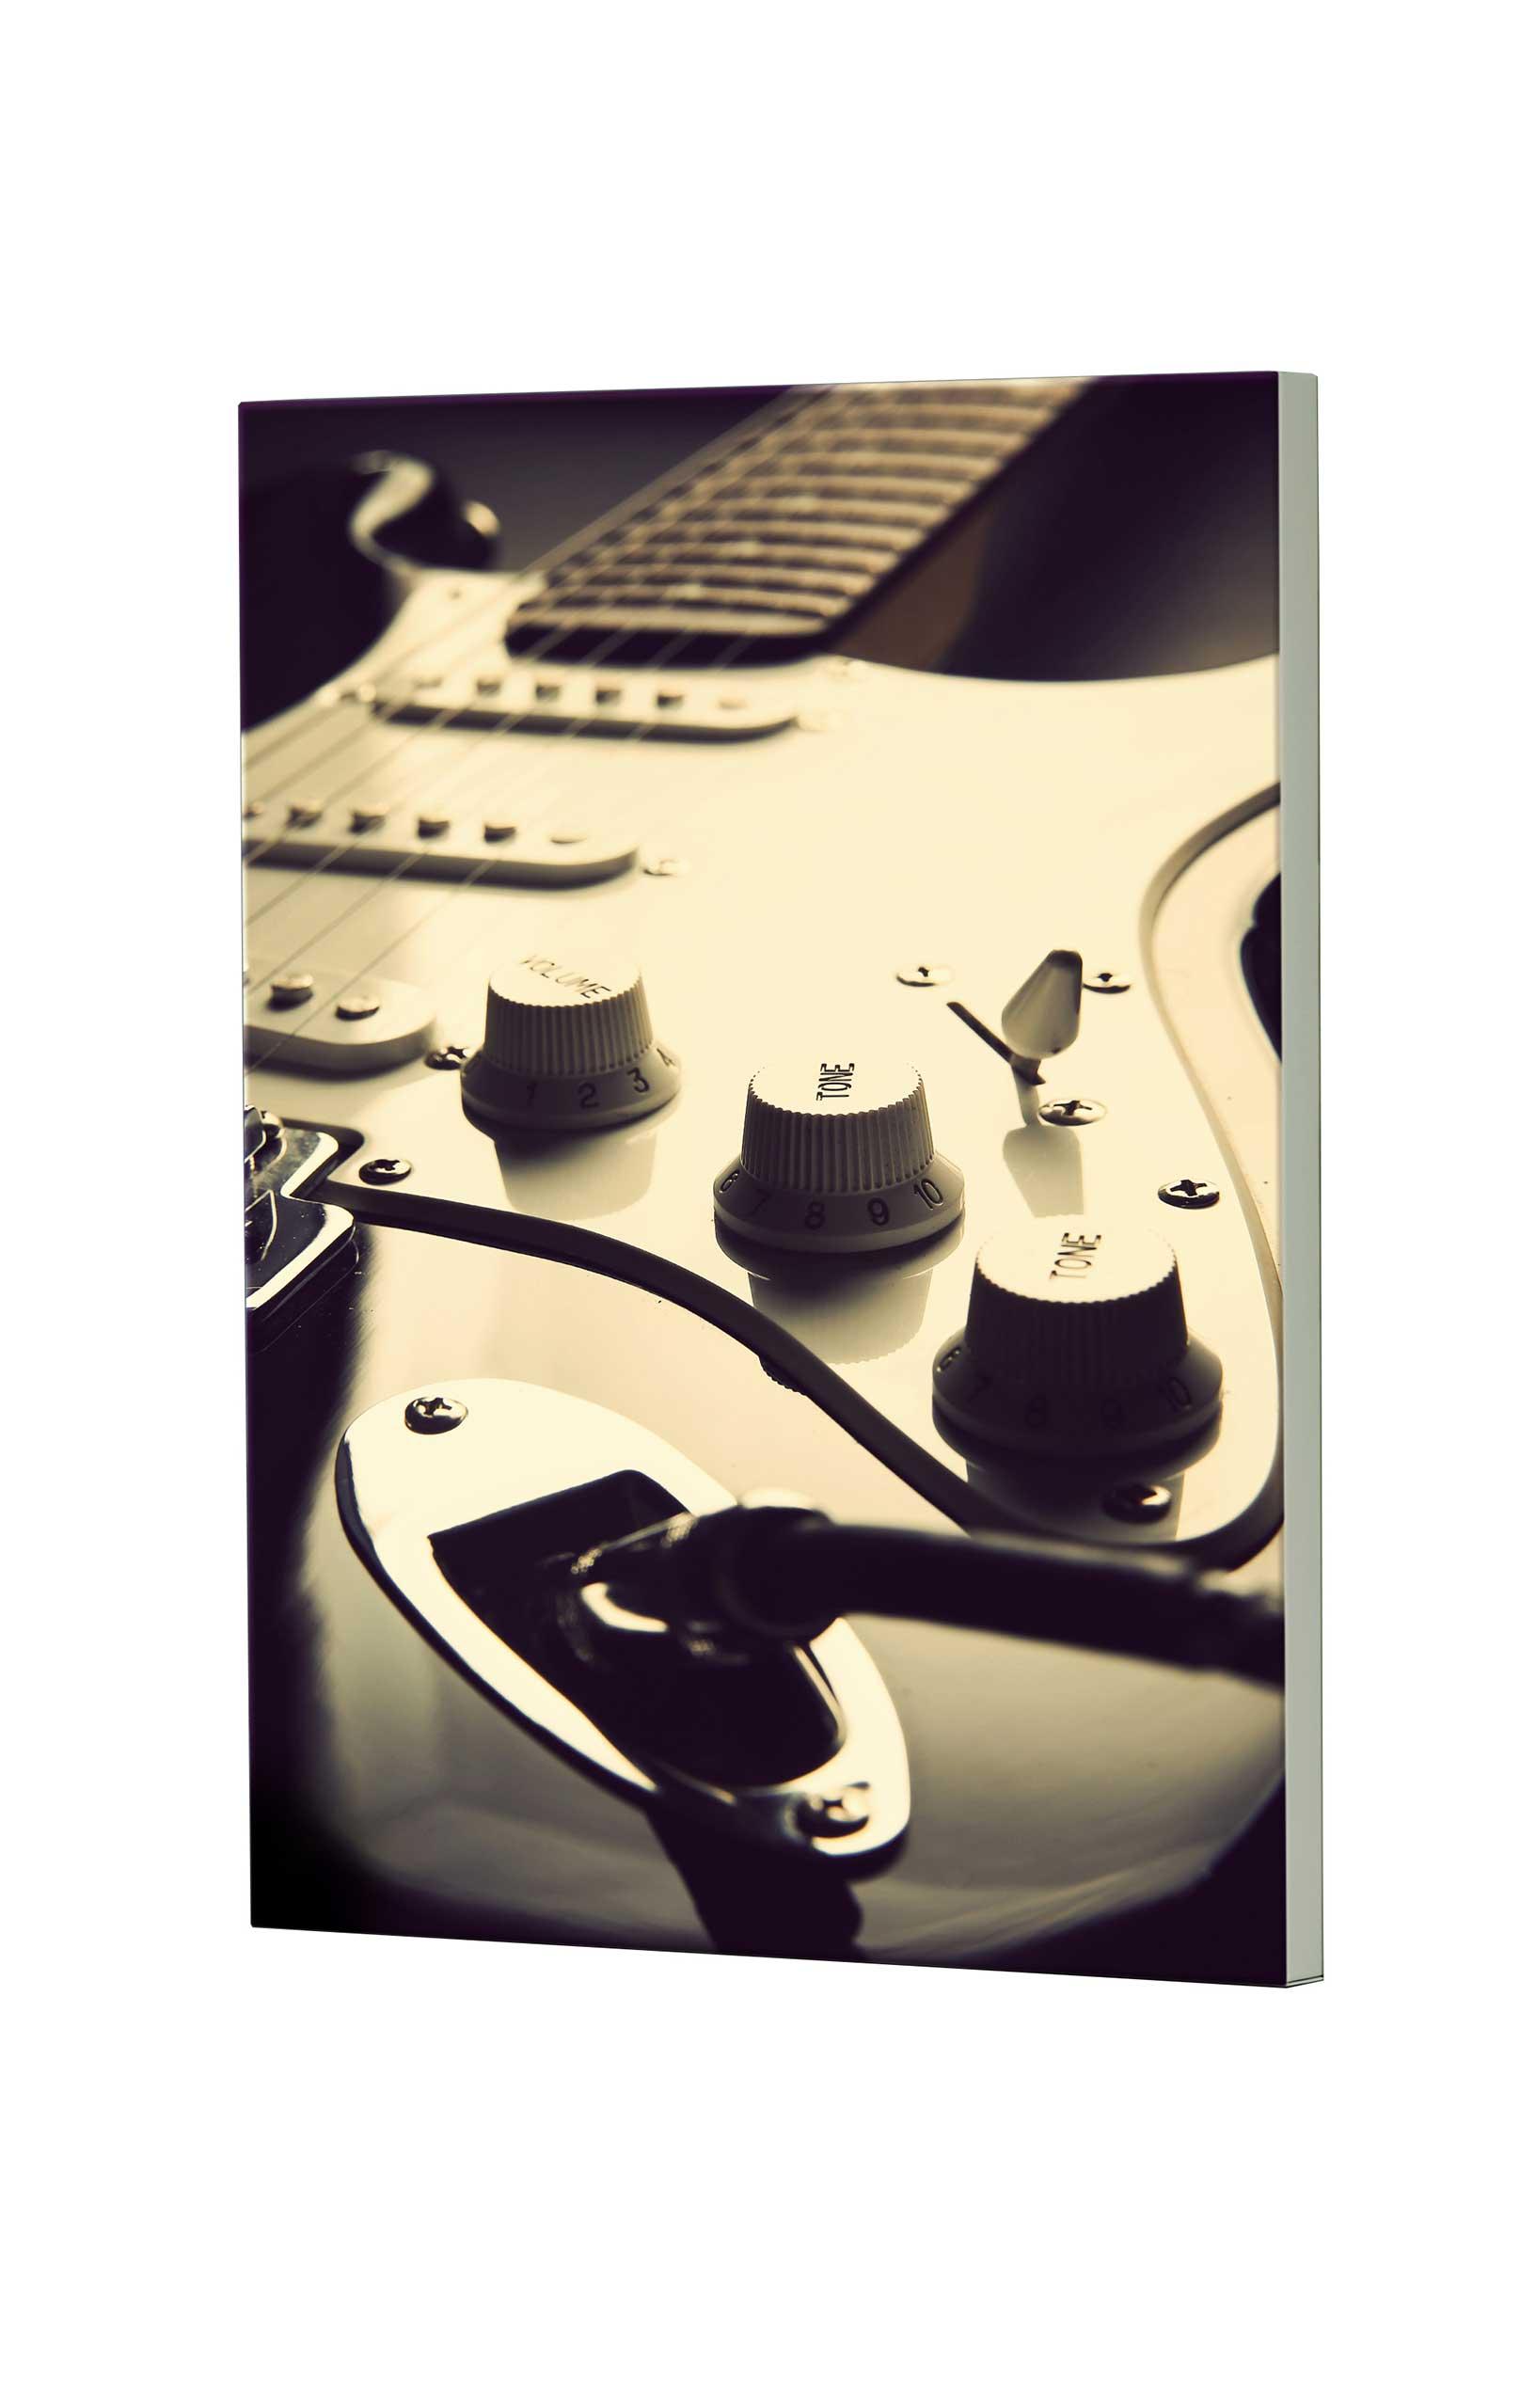 Magnettafel NOTIZ 60x80cm Motiv Gitarre MDH156 Motiv-Pinnwand